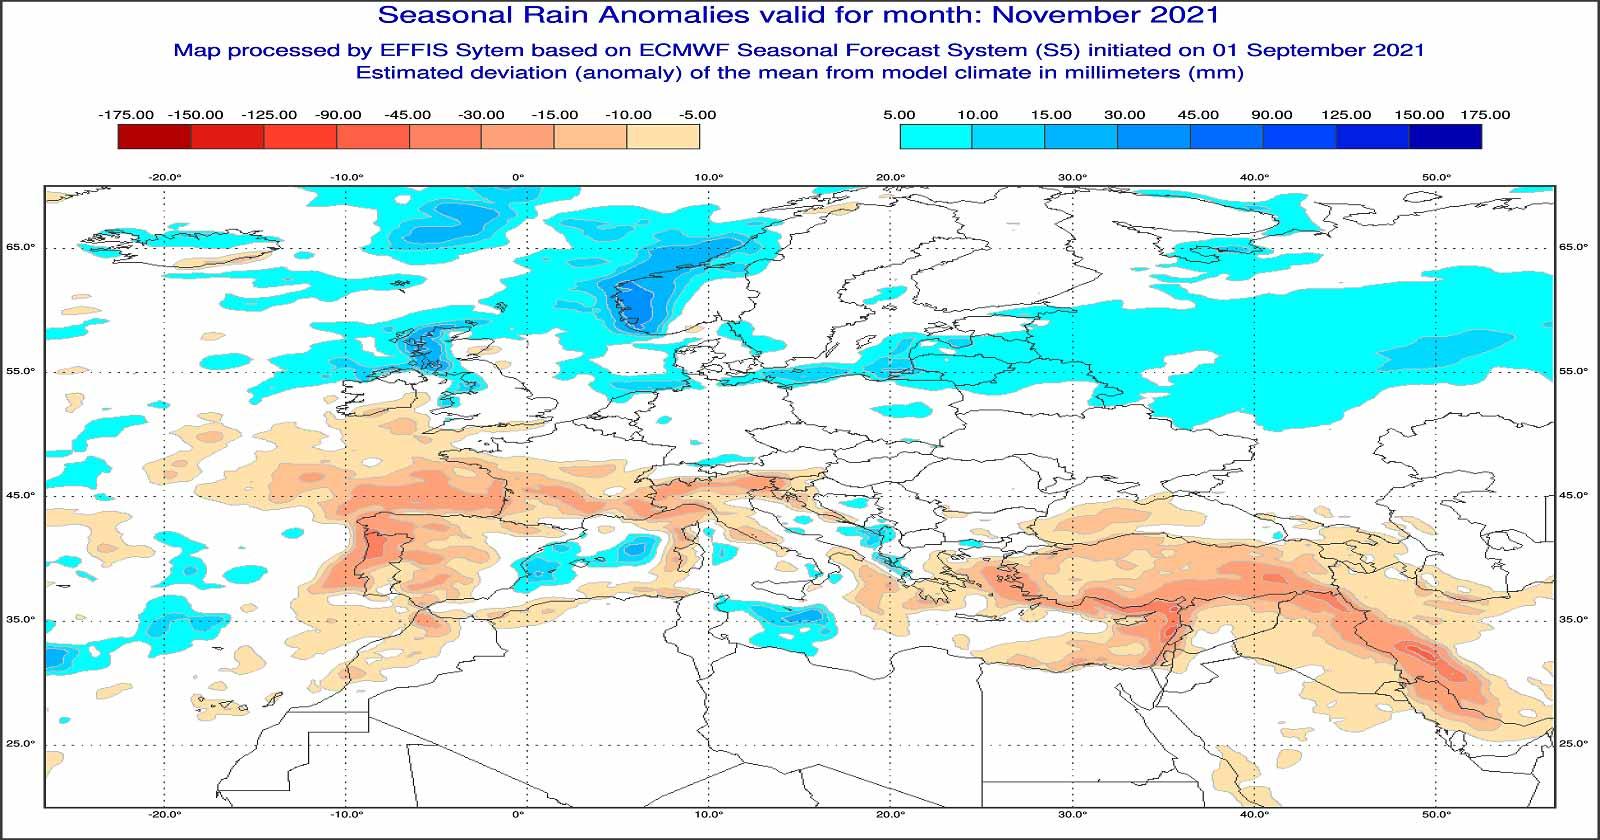 Anomalie di precipitazione previste dal modello ECMWF per novembre 2021 - effis.jrc.ec.europa.eu